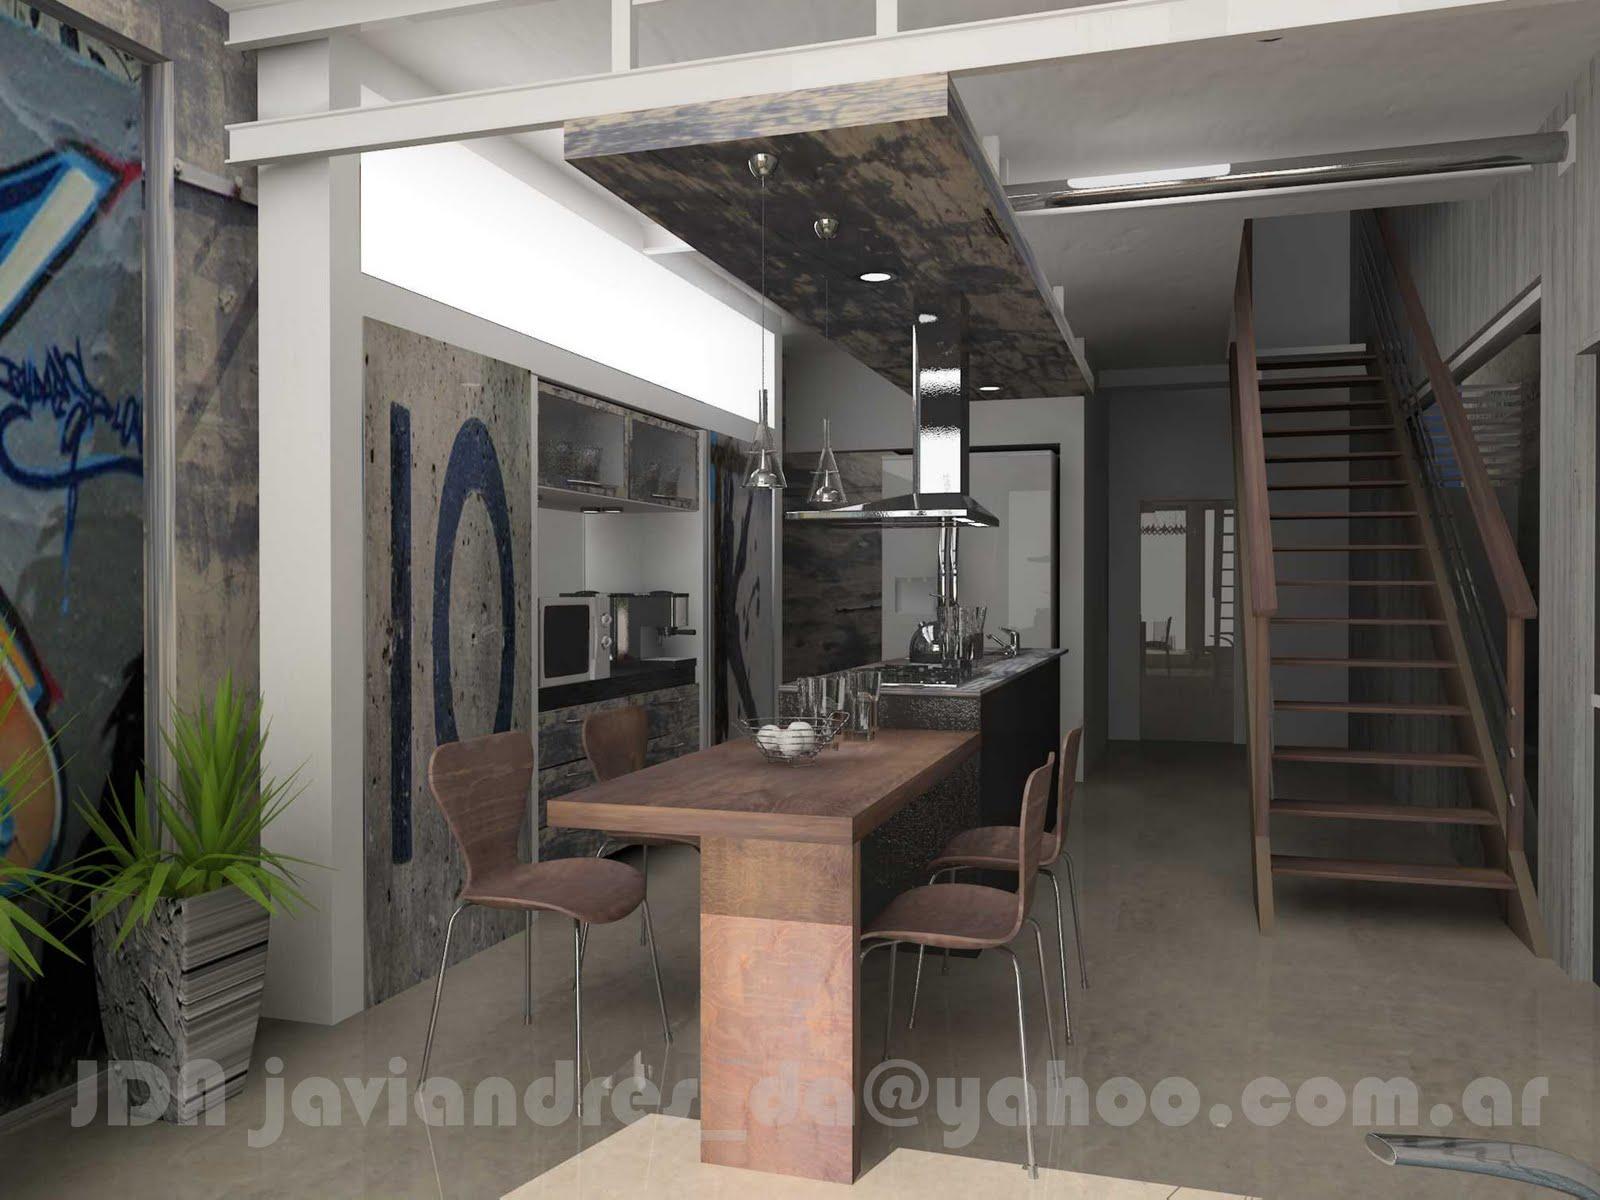 Arquitec maquetas dise o de interiores 3d r stico y urbano for Diseno de interiores rusticos